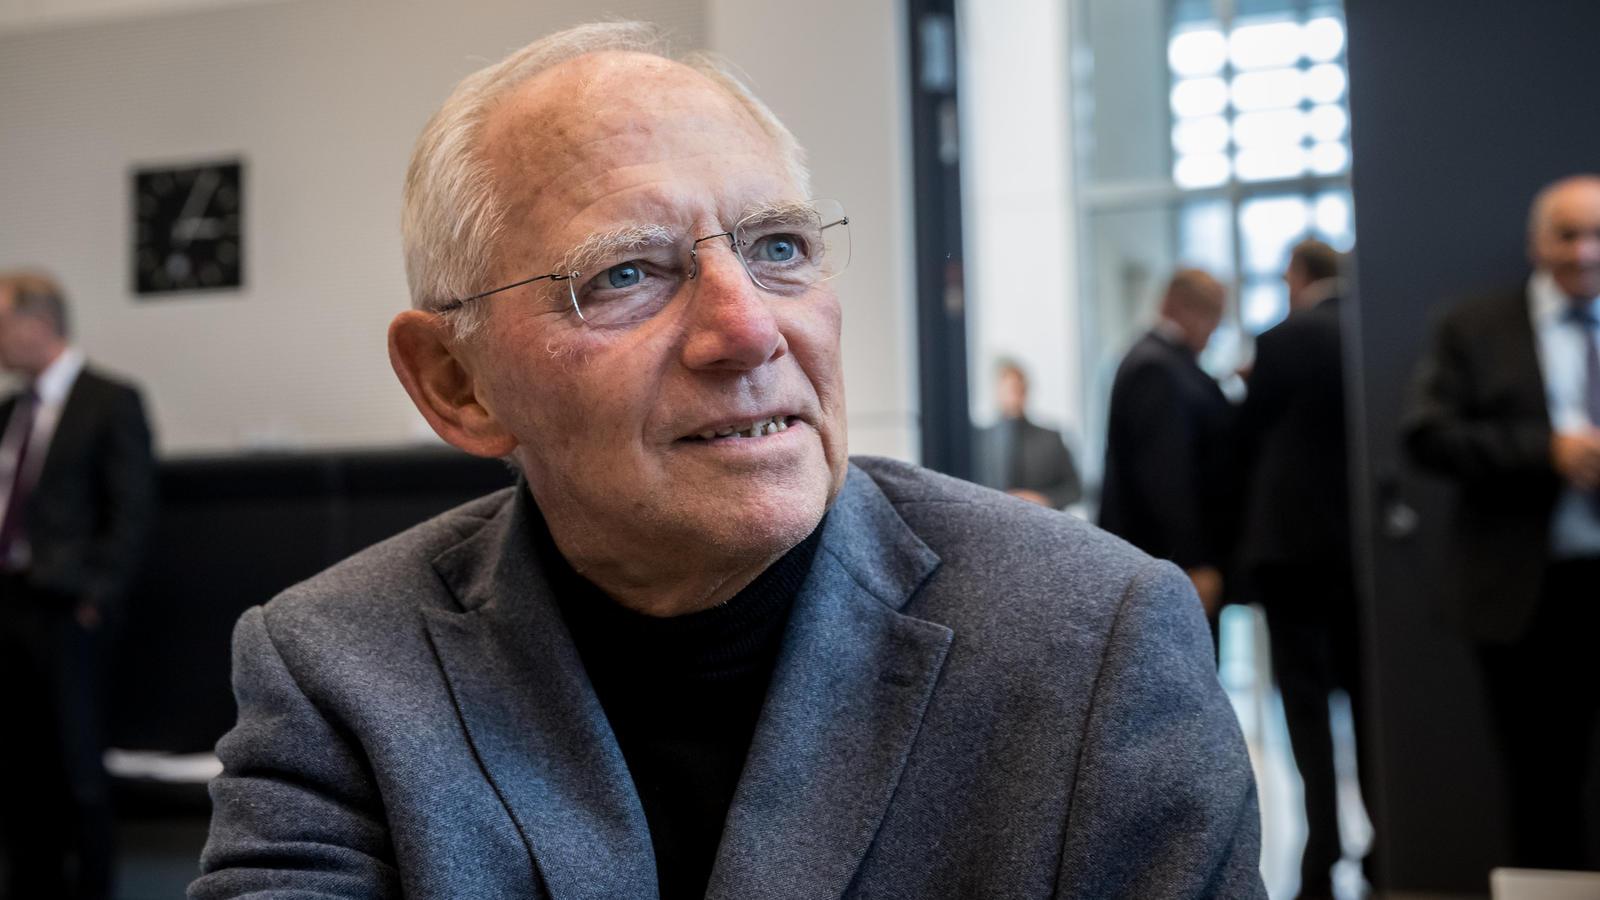 Wolfgang-Sch-uble-soll-angeblich-Bundestagspr-sident-werden